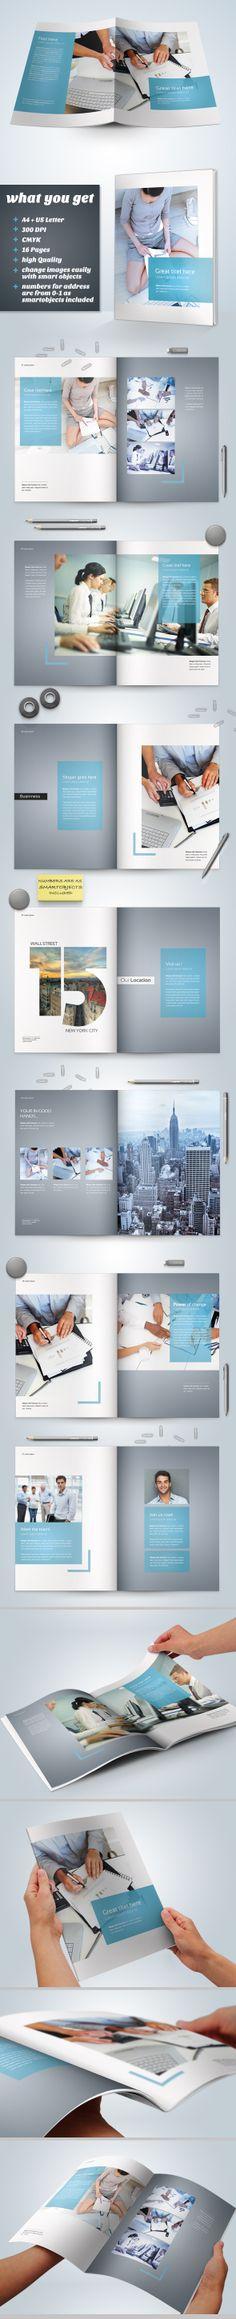 Business Brochure Vol. 04 by Danijel Mokic, via Behance